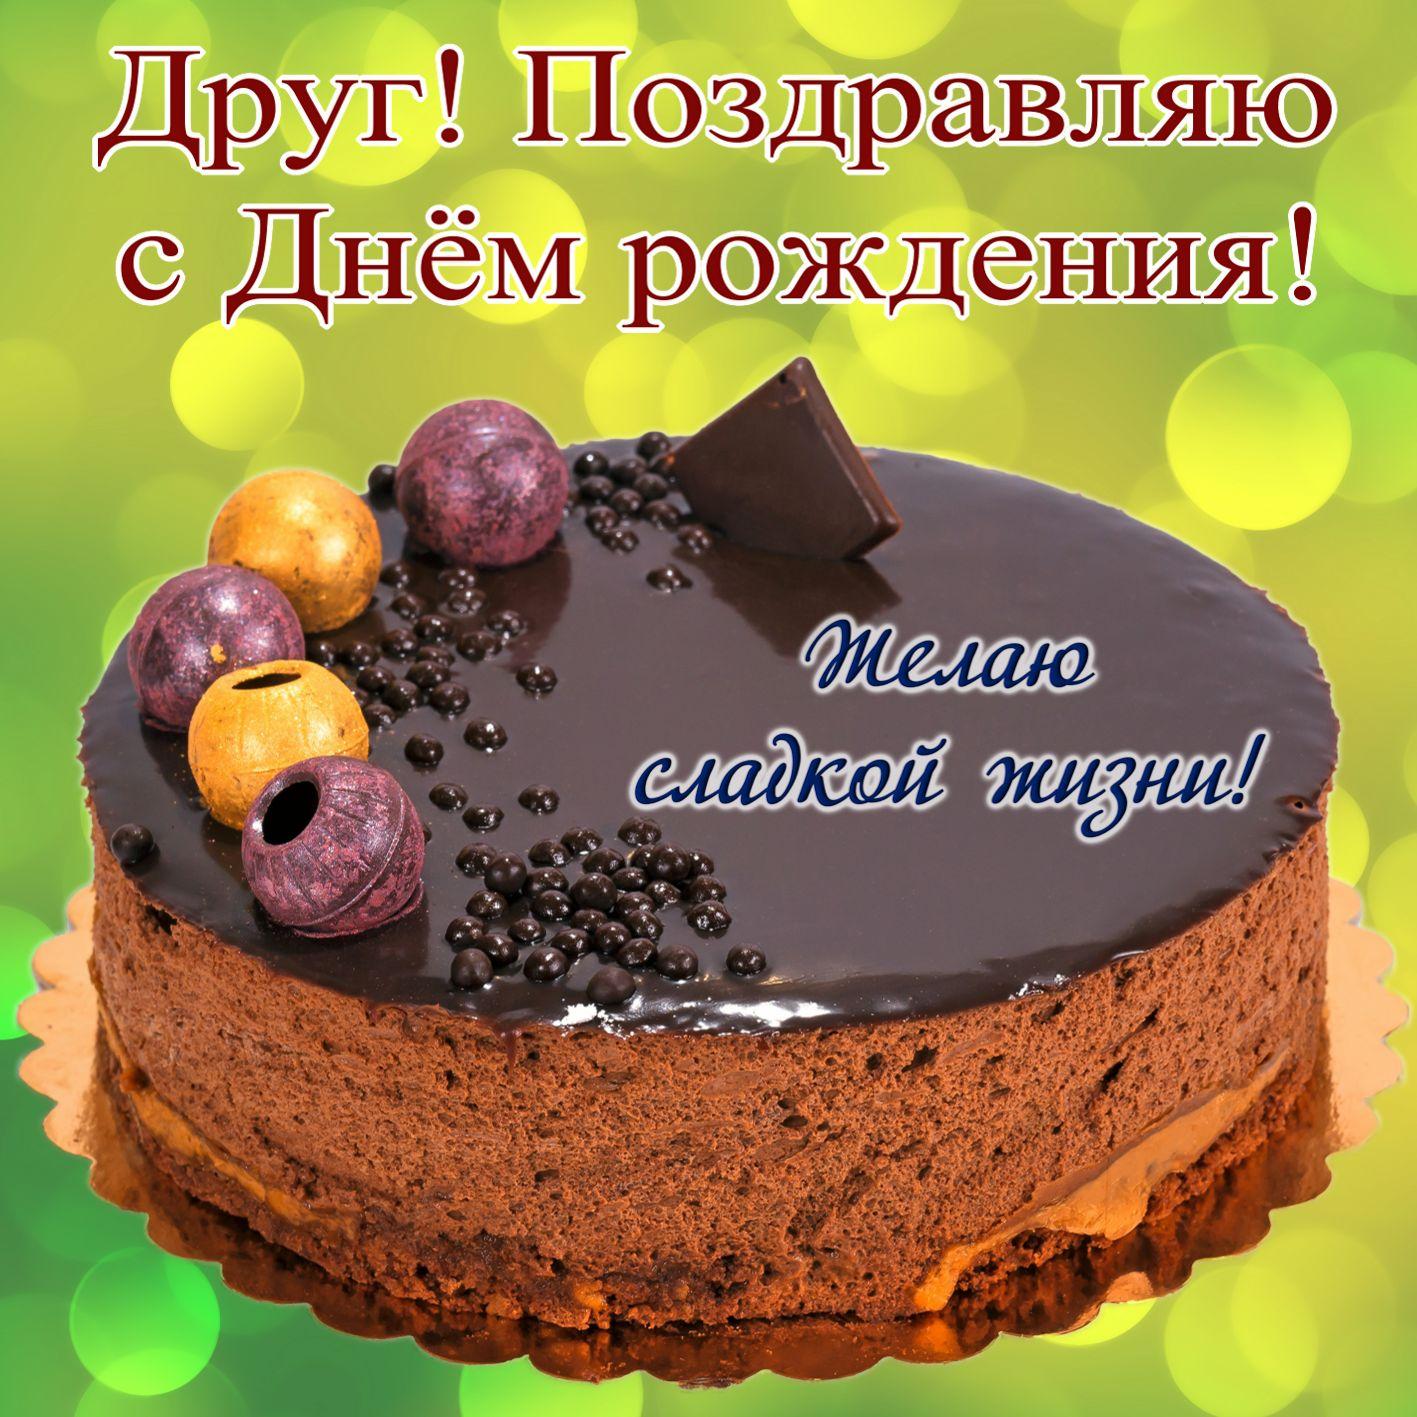 Большой торт на День рождения другу